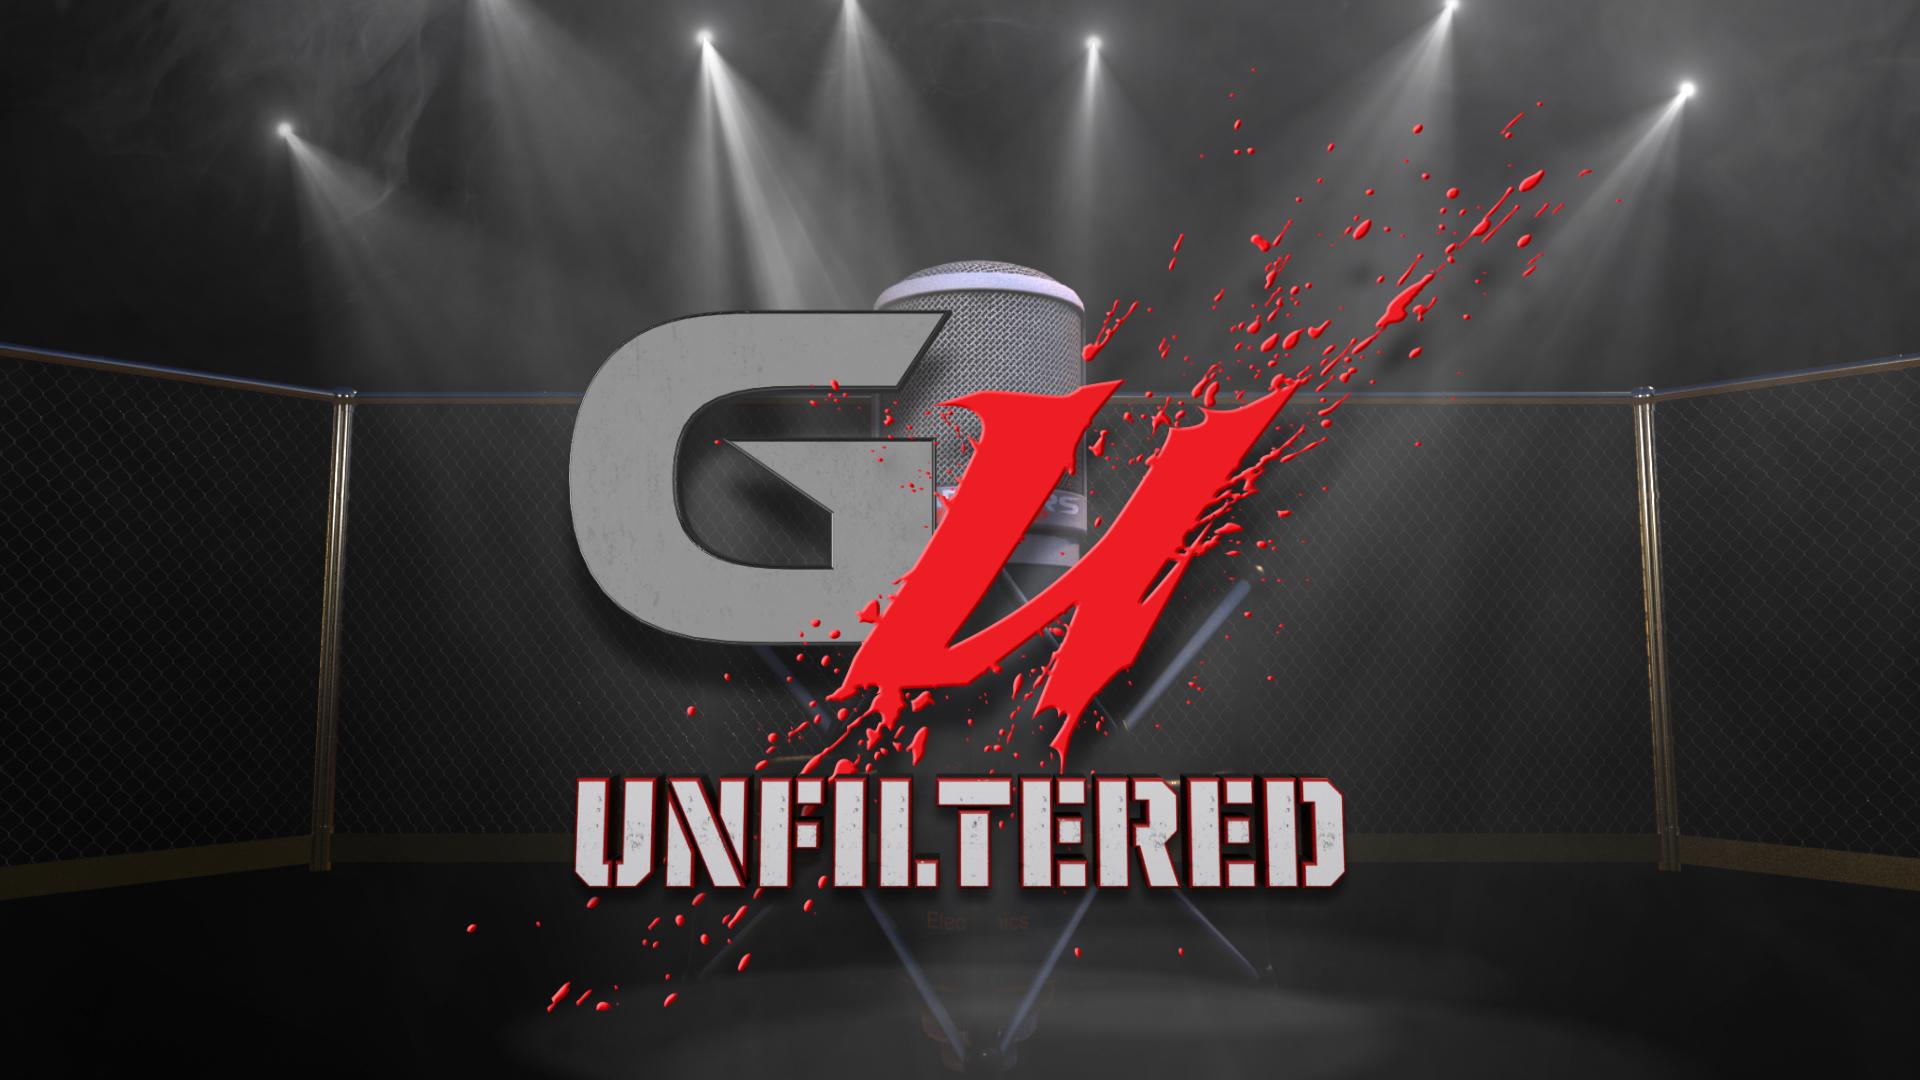 GU Unfiltered